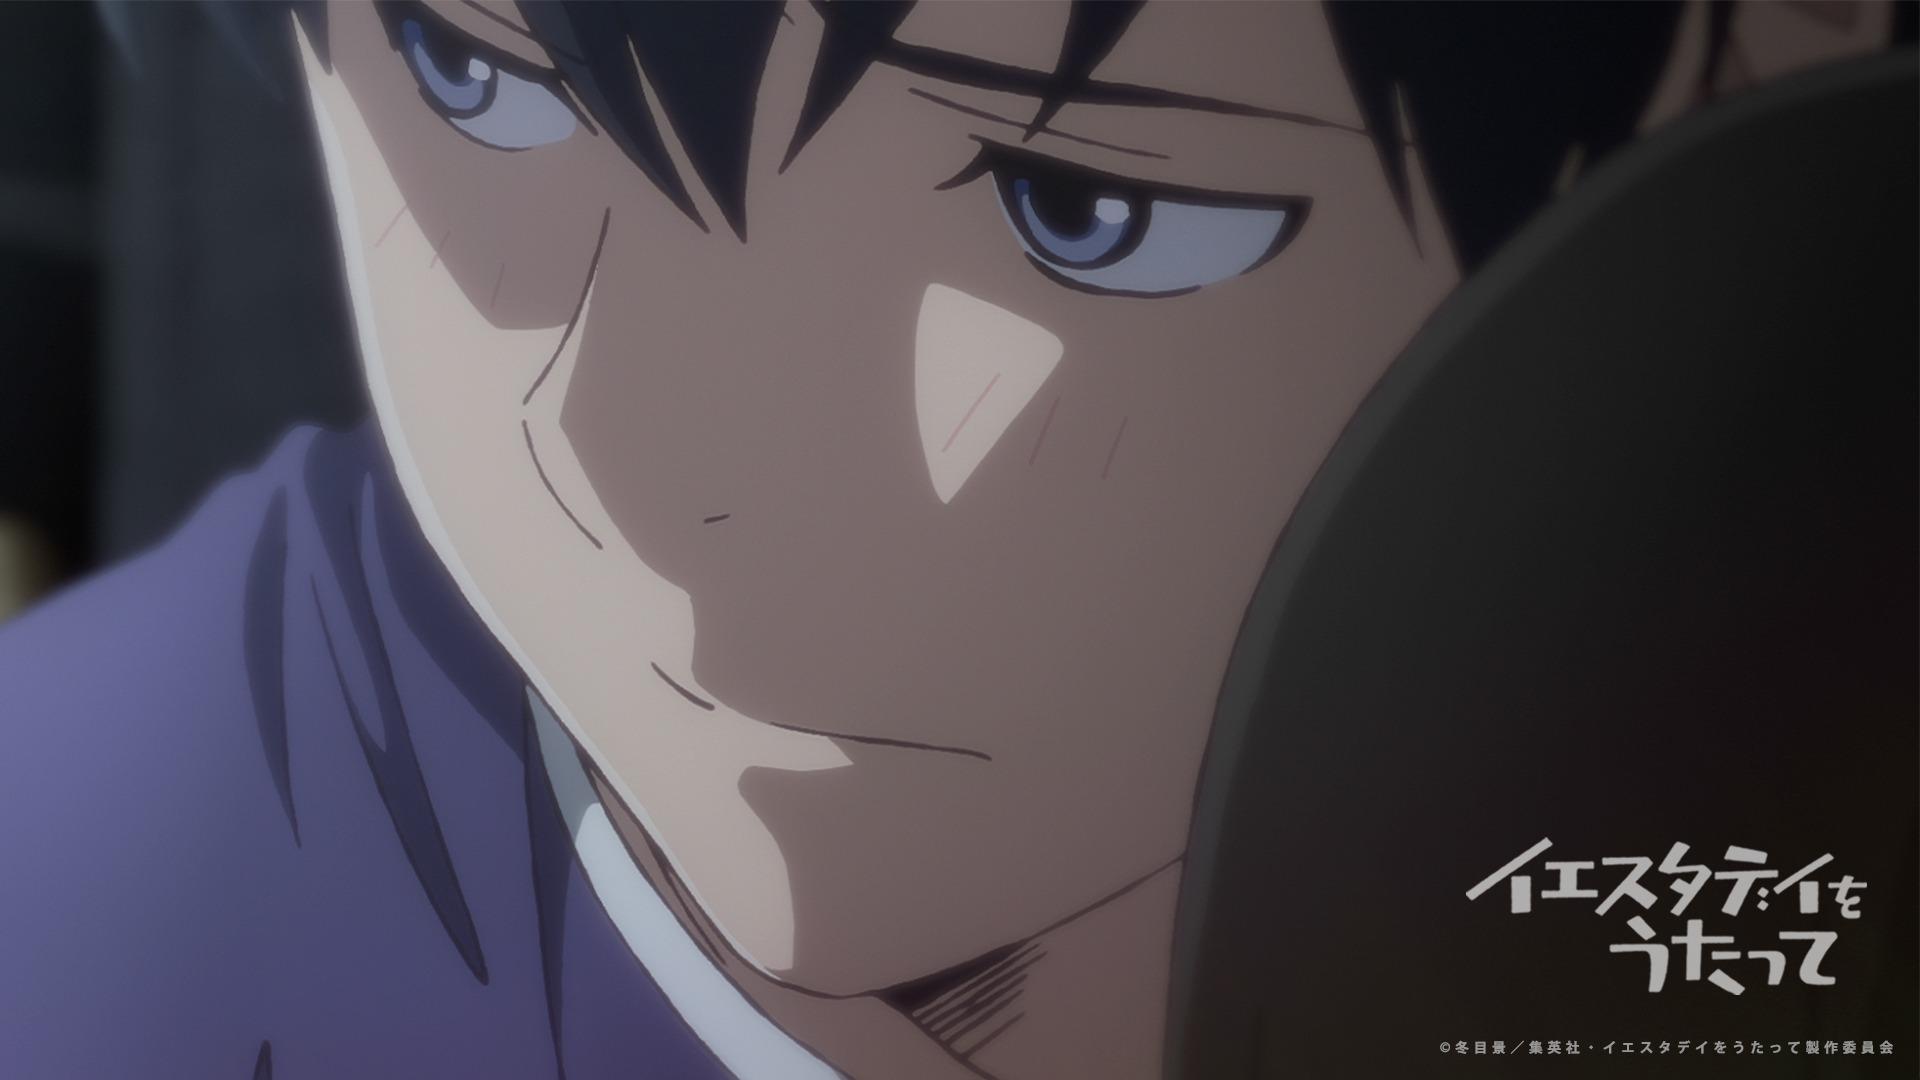 【アニメ】イエスタデイをうたっての7話あらすじ・ネタバレ感想 | 揺れる榀子の想いはいかに…。